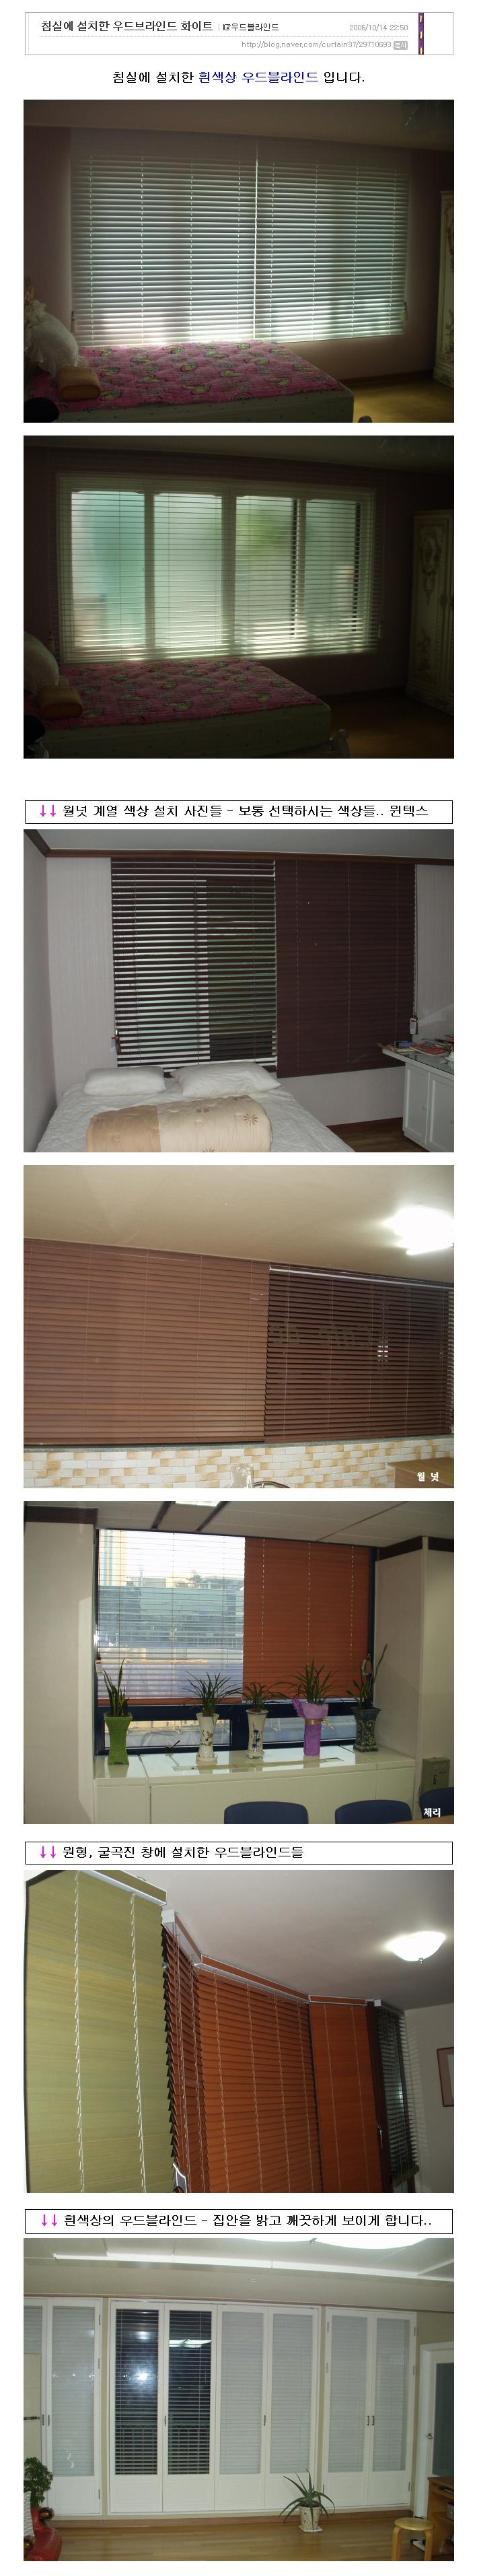 wood1409.jpg